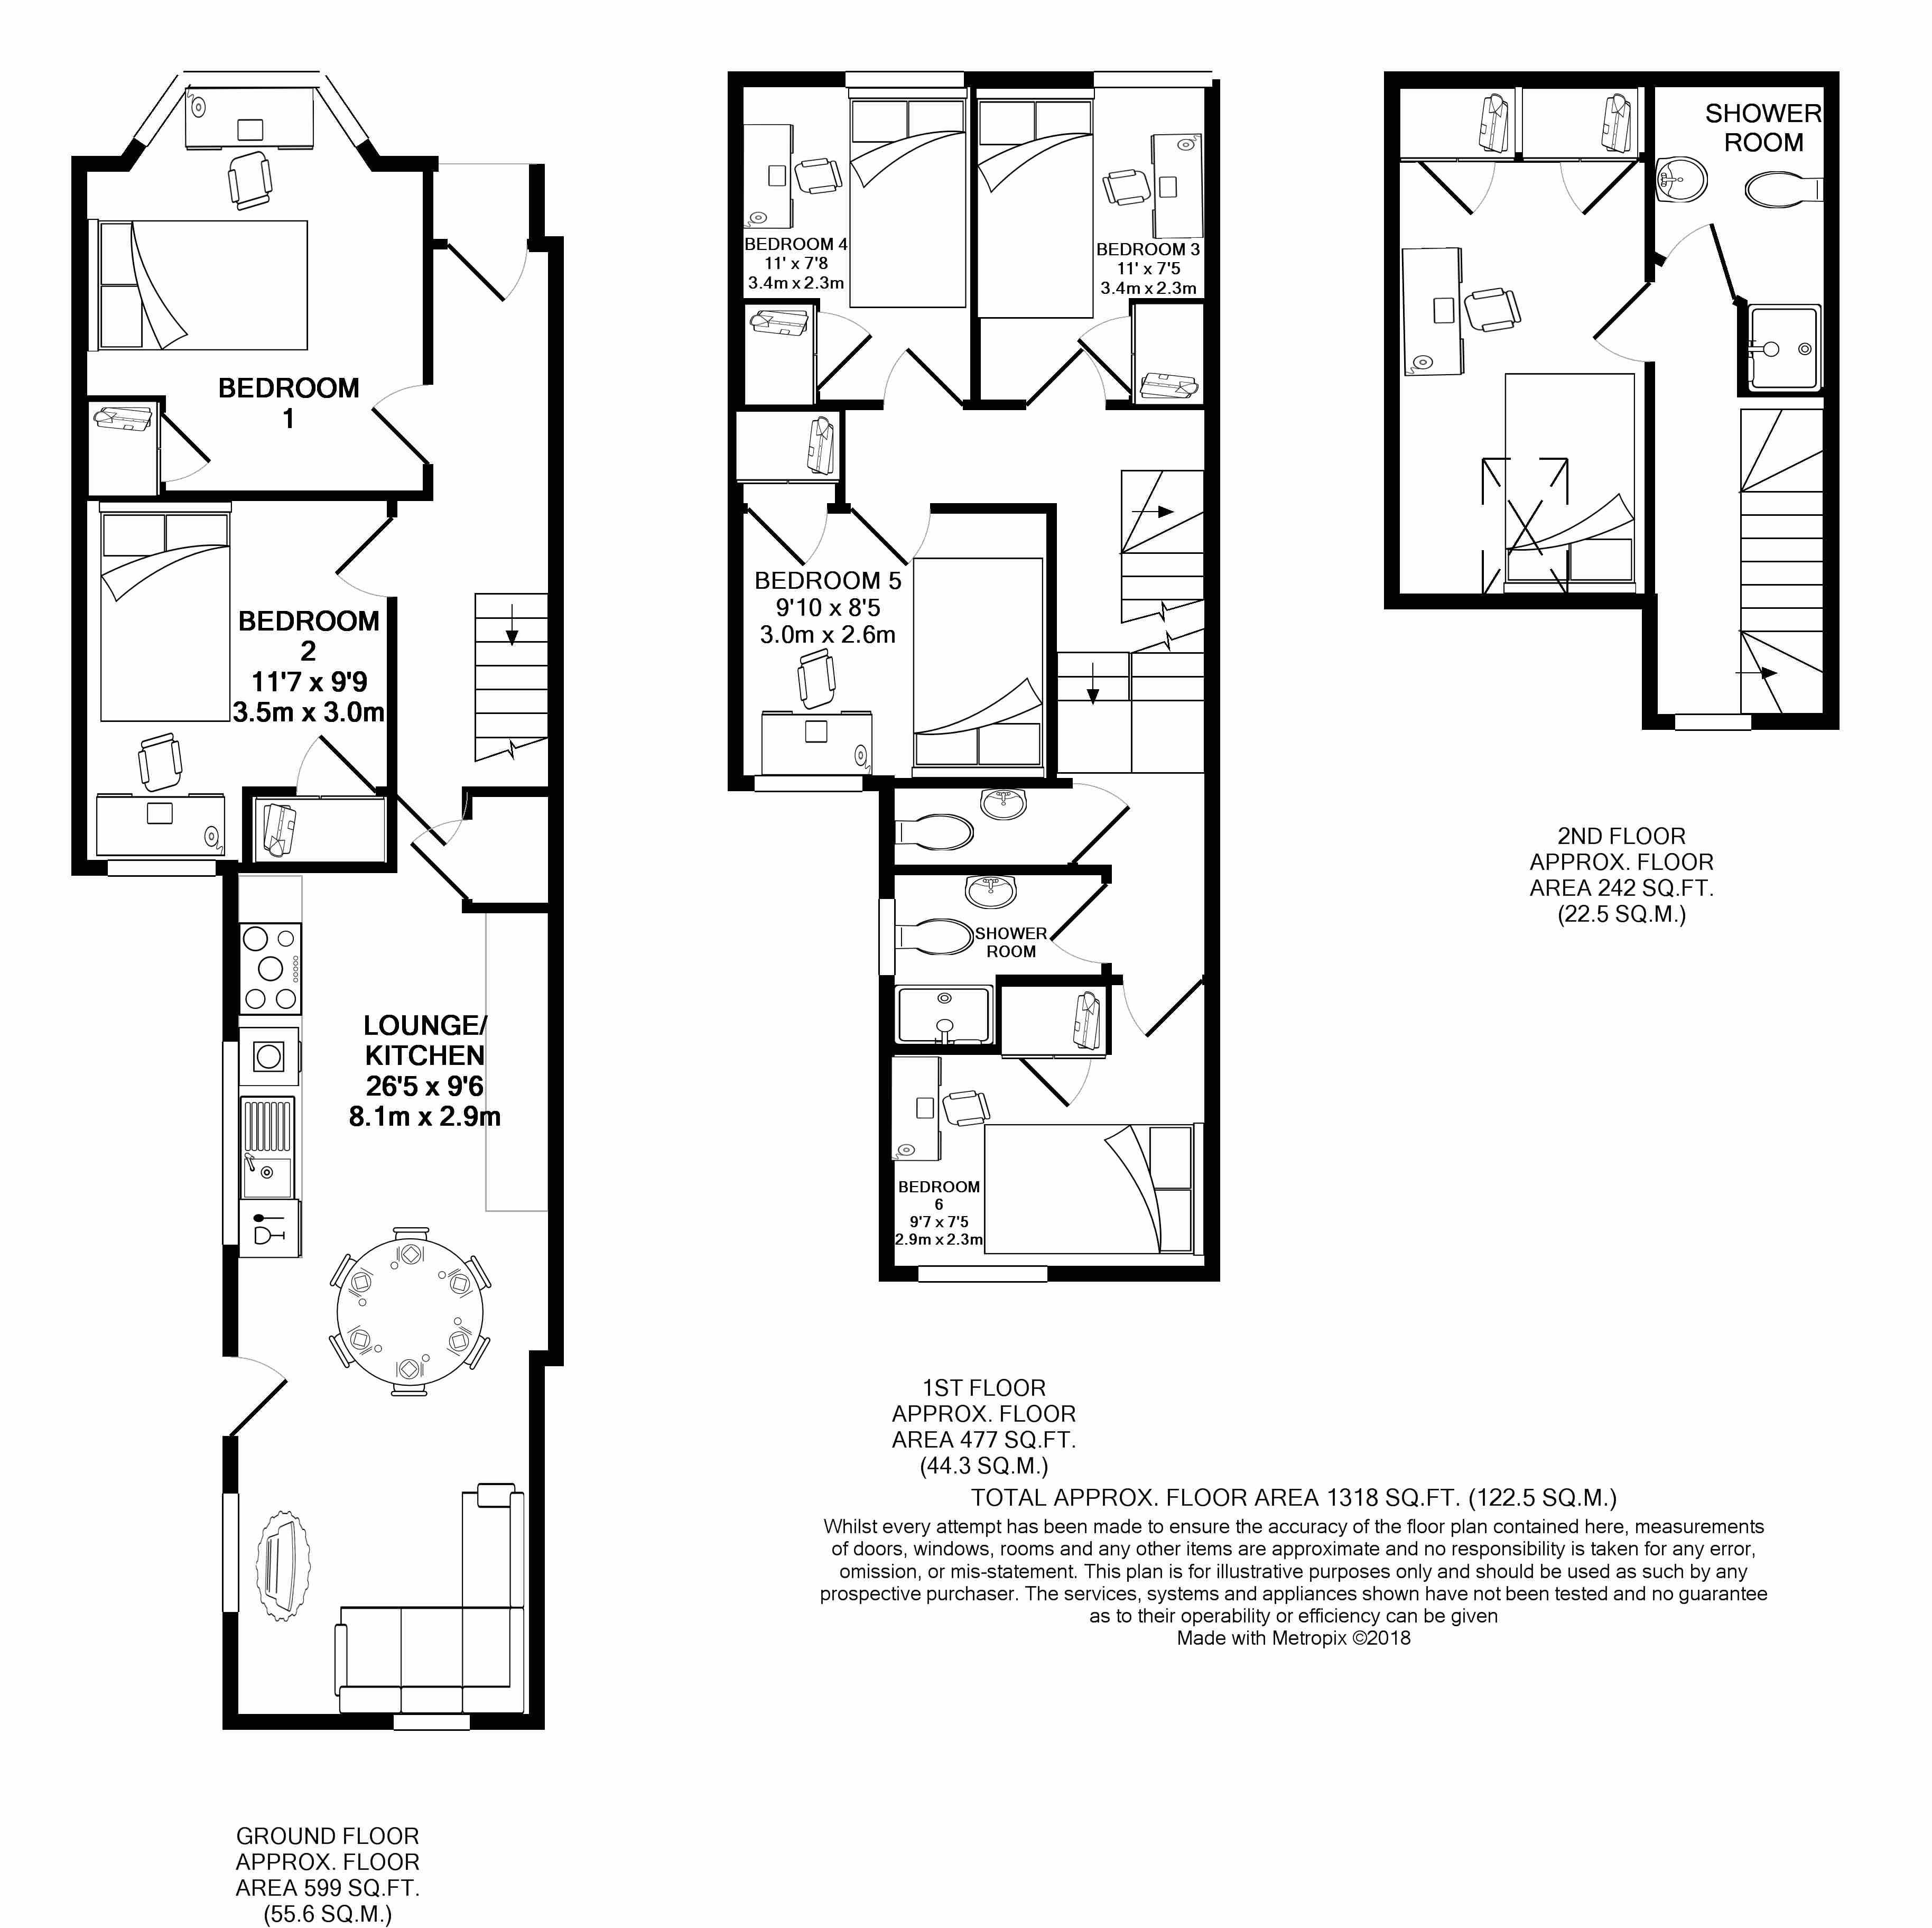 31 Glenroy Street -floorplans